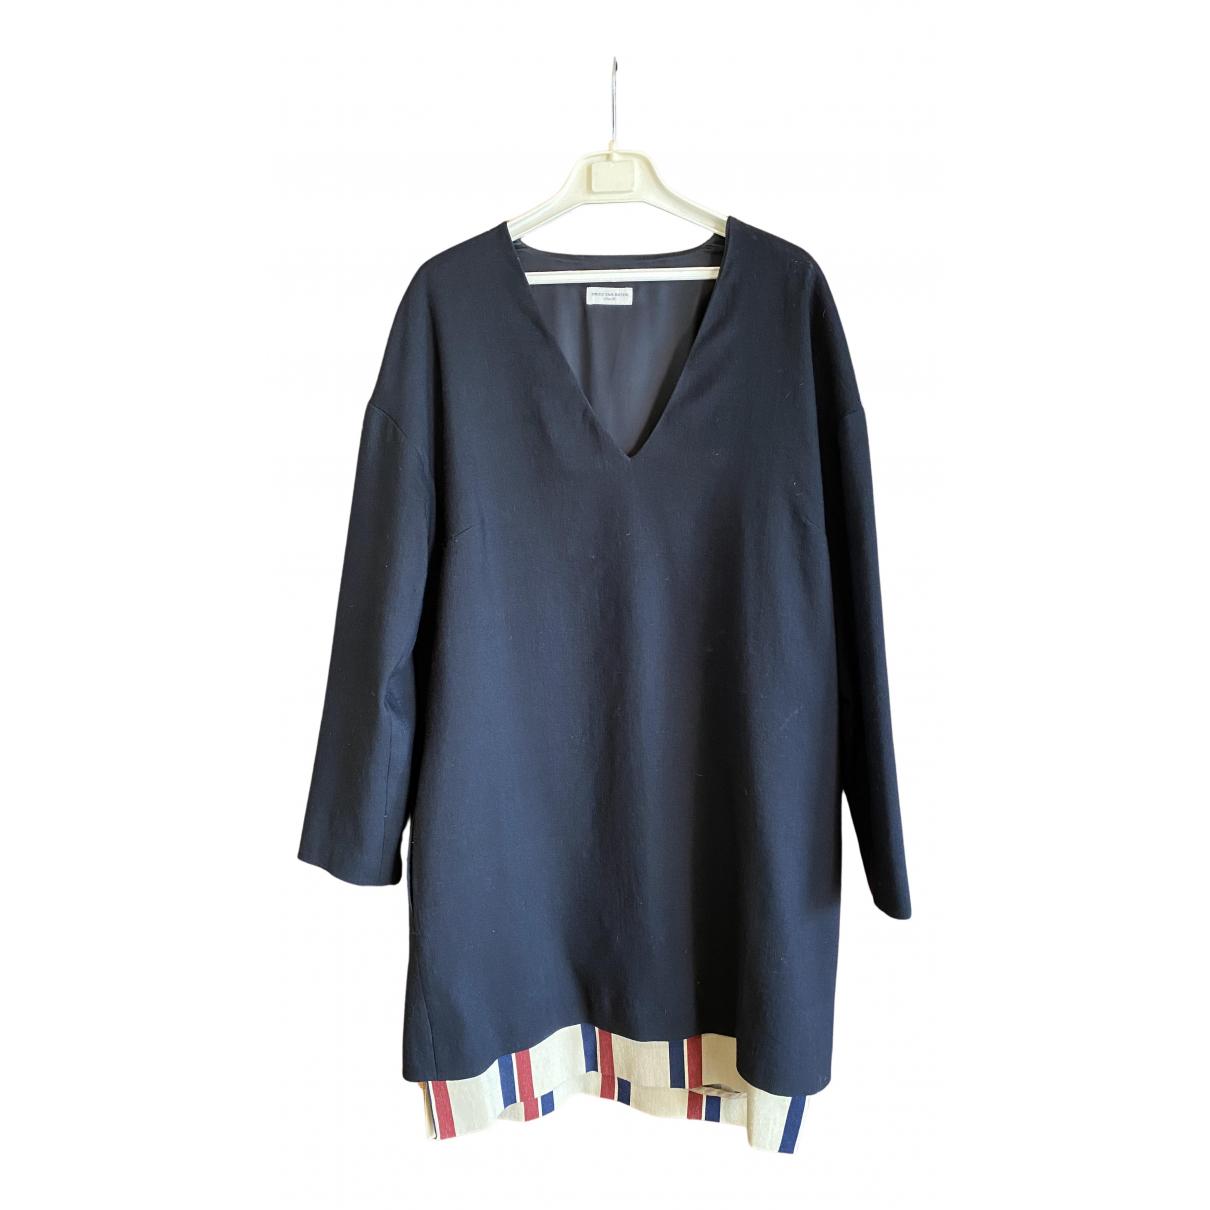 Dries Van Noten N Black Wool dress for Women 38 FR